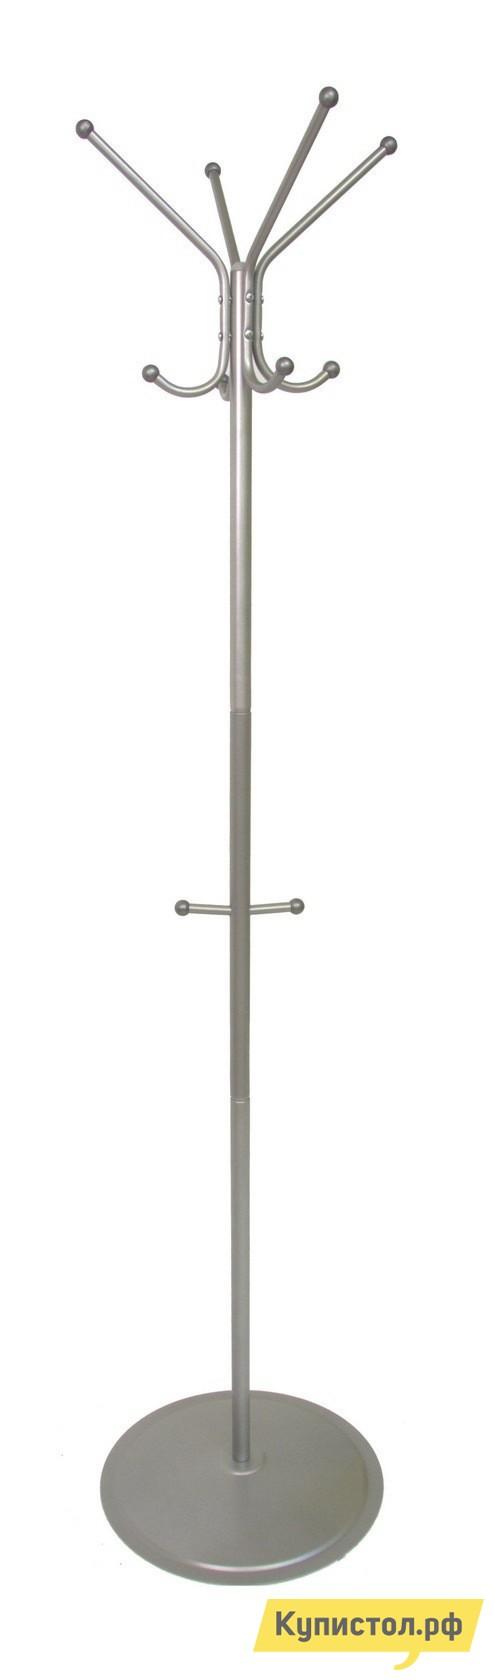 Напольная вешалка Мебелик Пико 1 Металлик